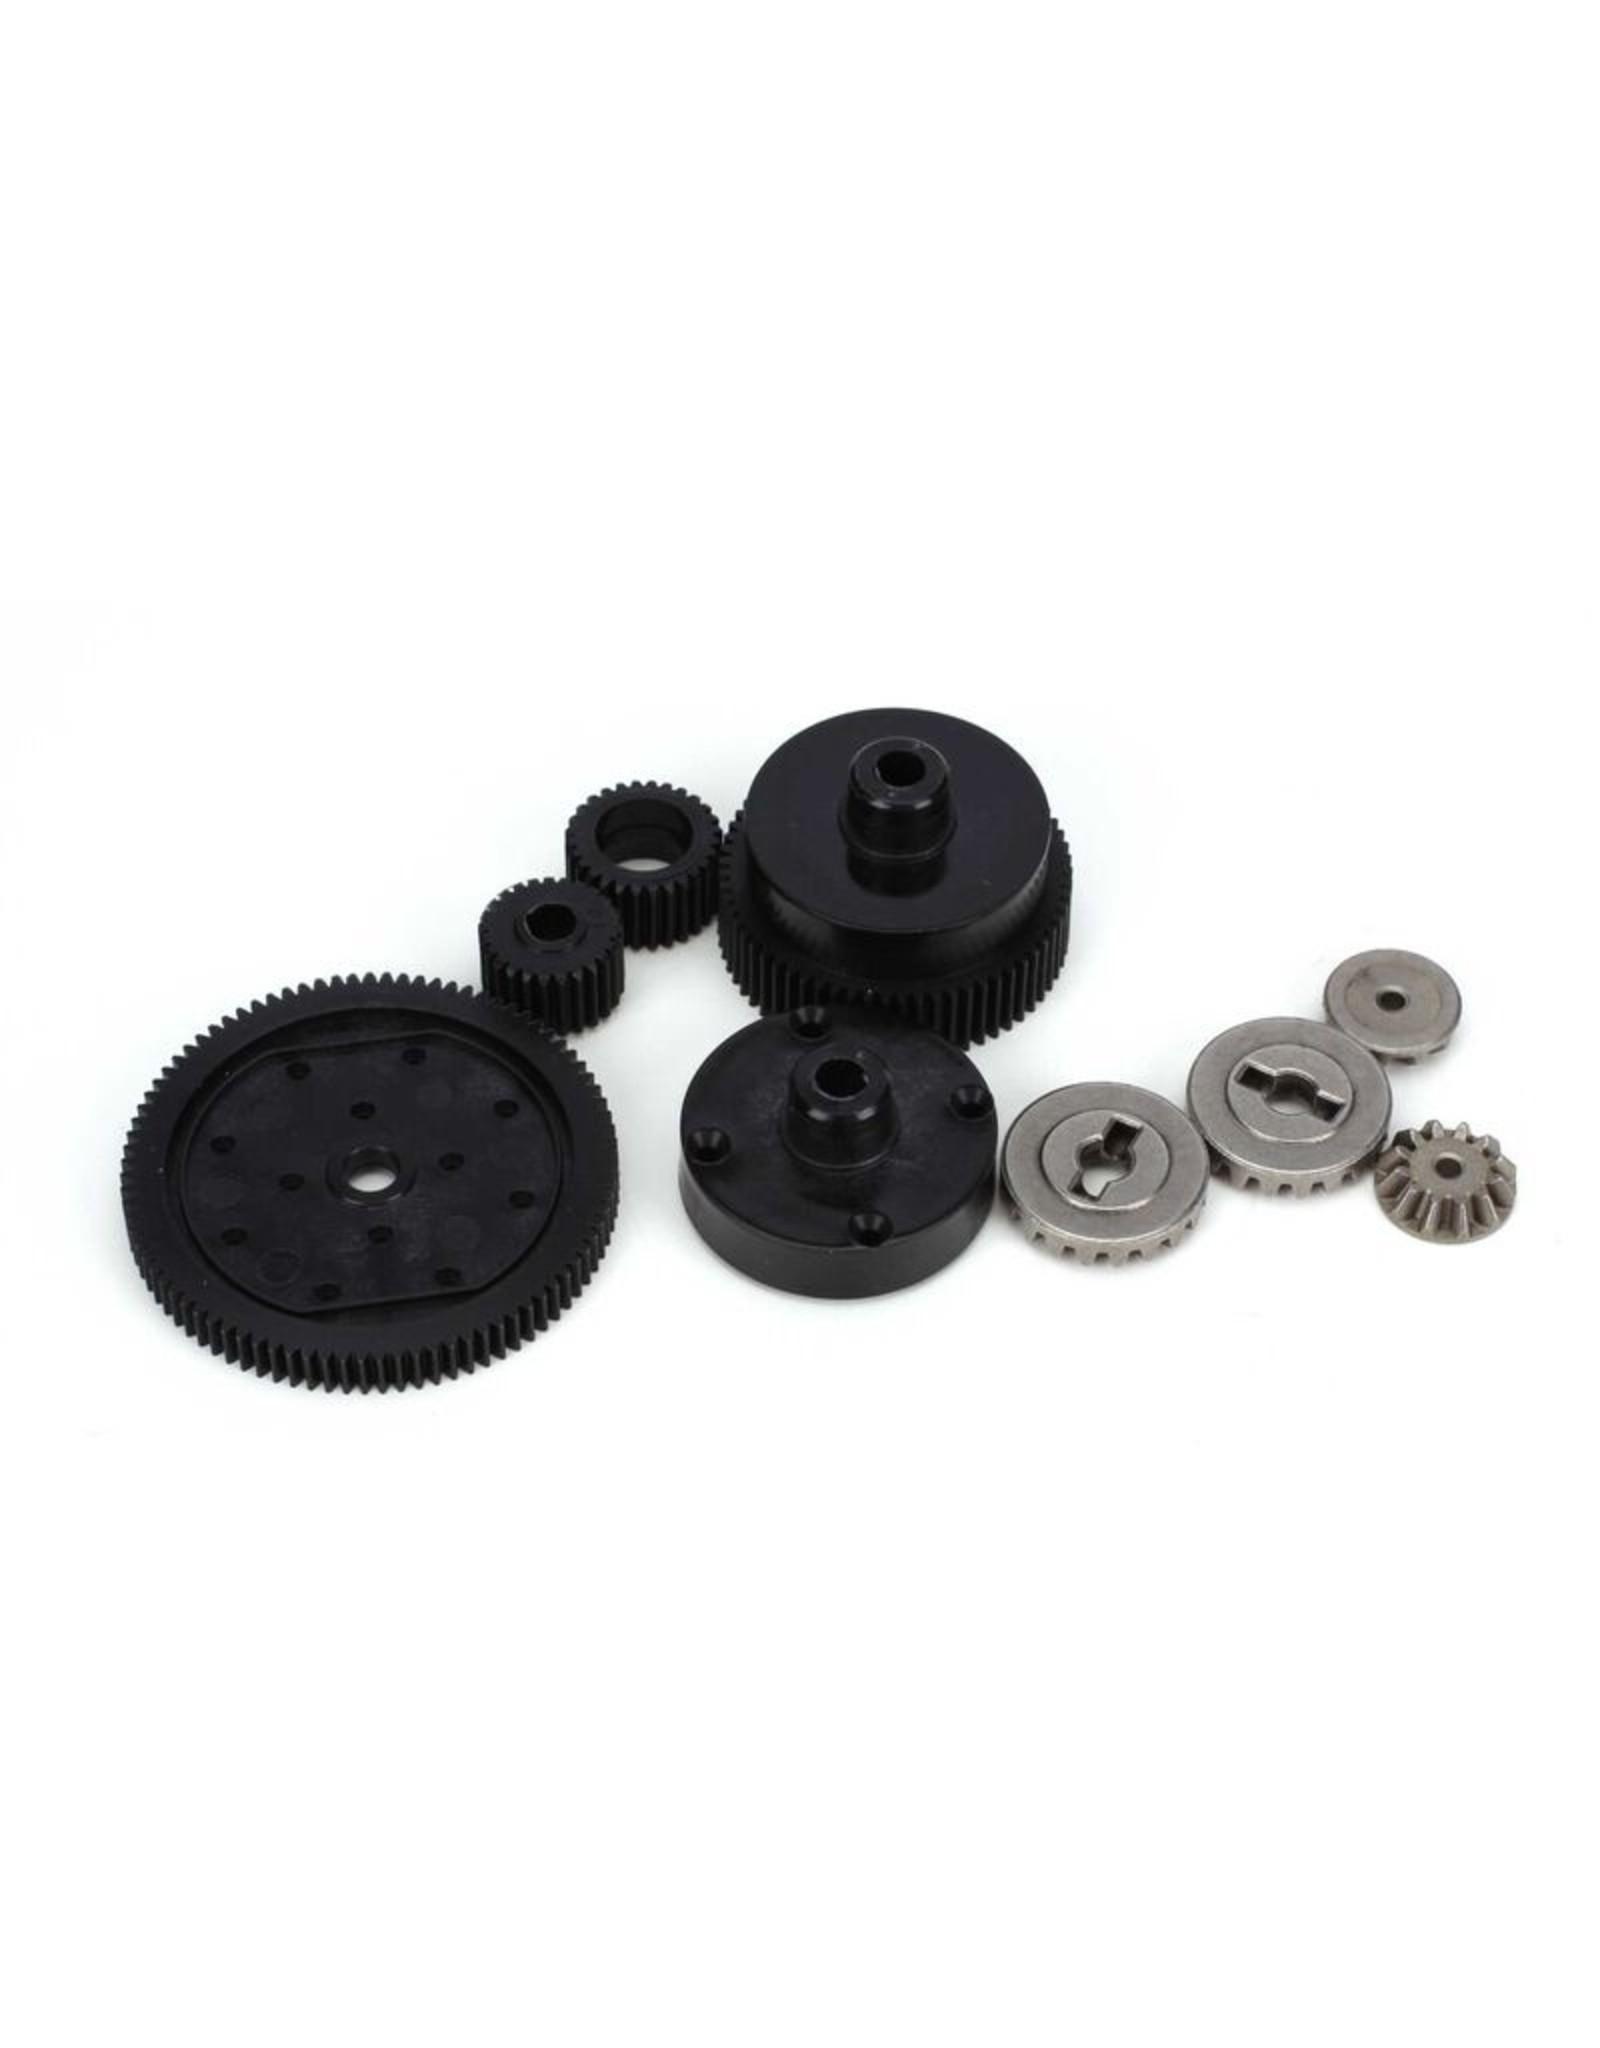 ECX 1022 - Transmission Plastic Gear Set: All ECX 1/10 2WD